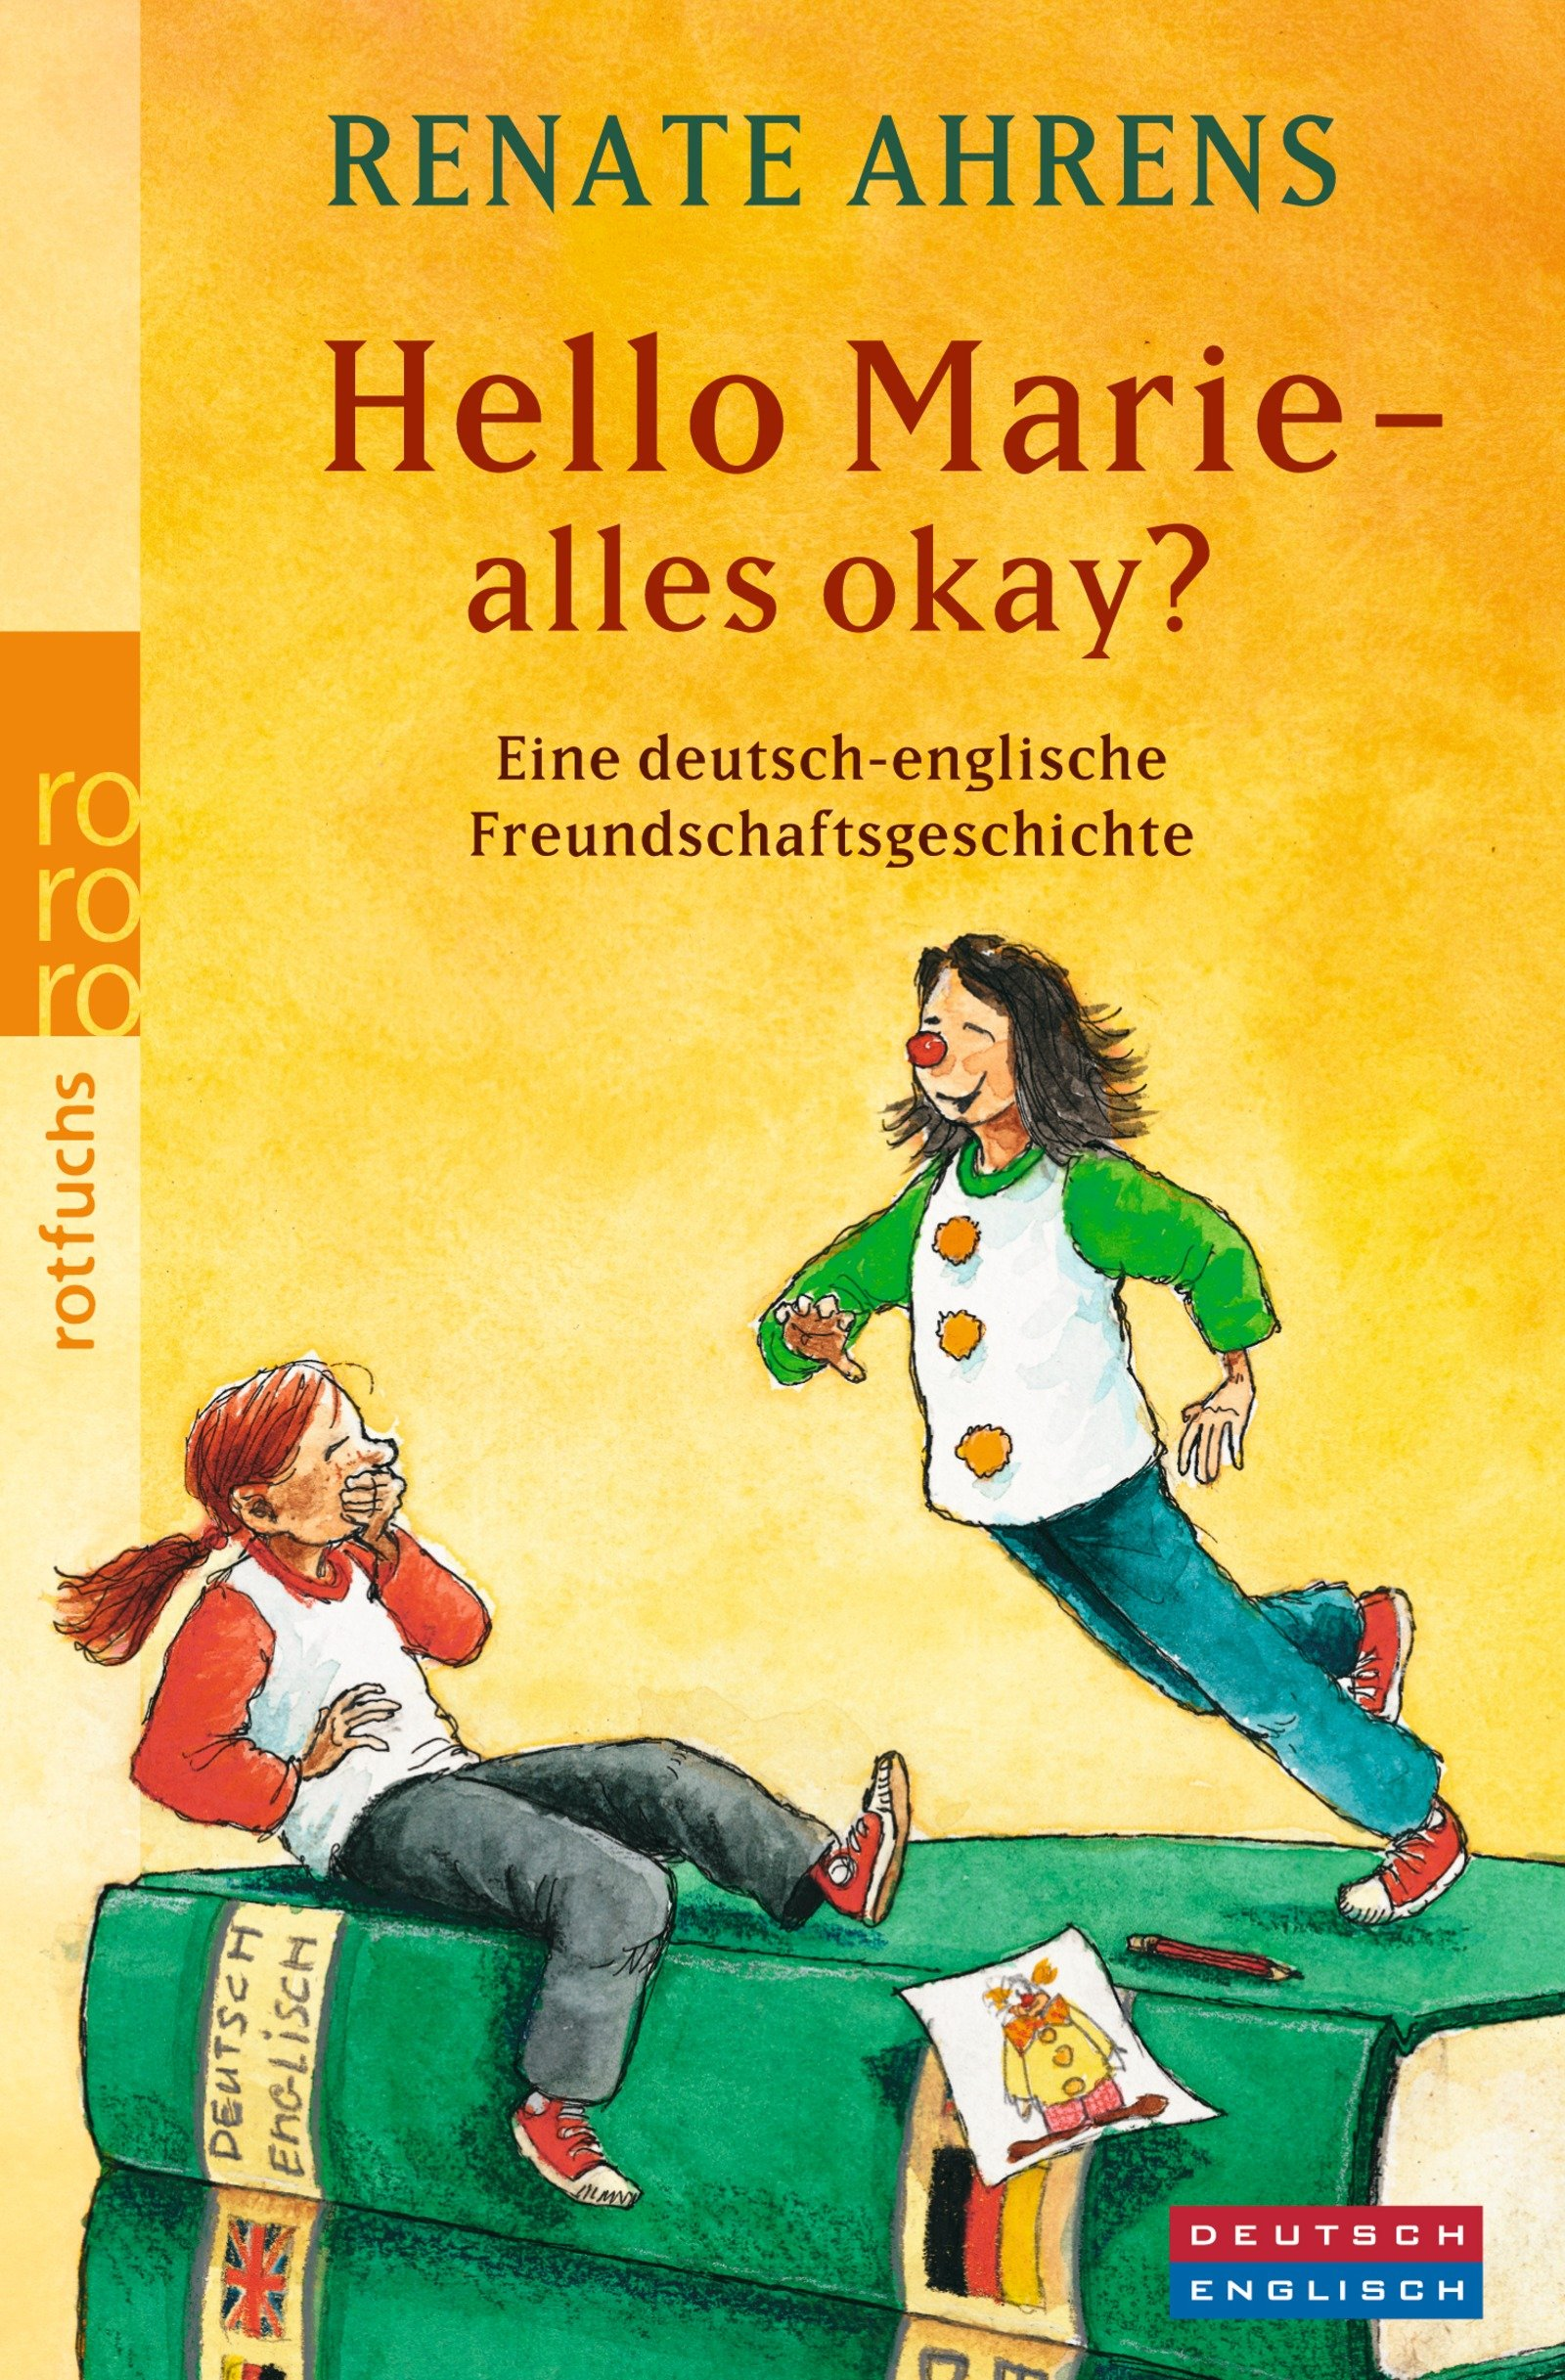 Hello Marie - alles okay?: Eine deutsch-englische Freundschaftsgeschichte (Marie & Claire, Band 3)